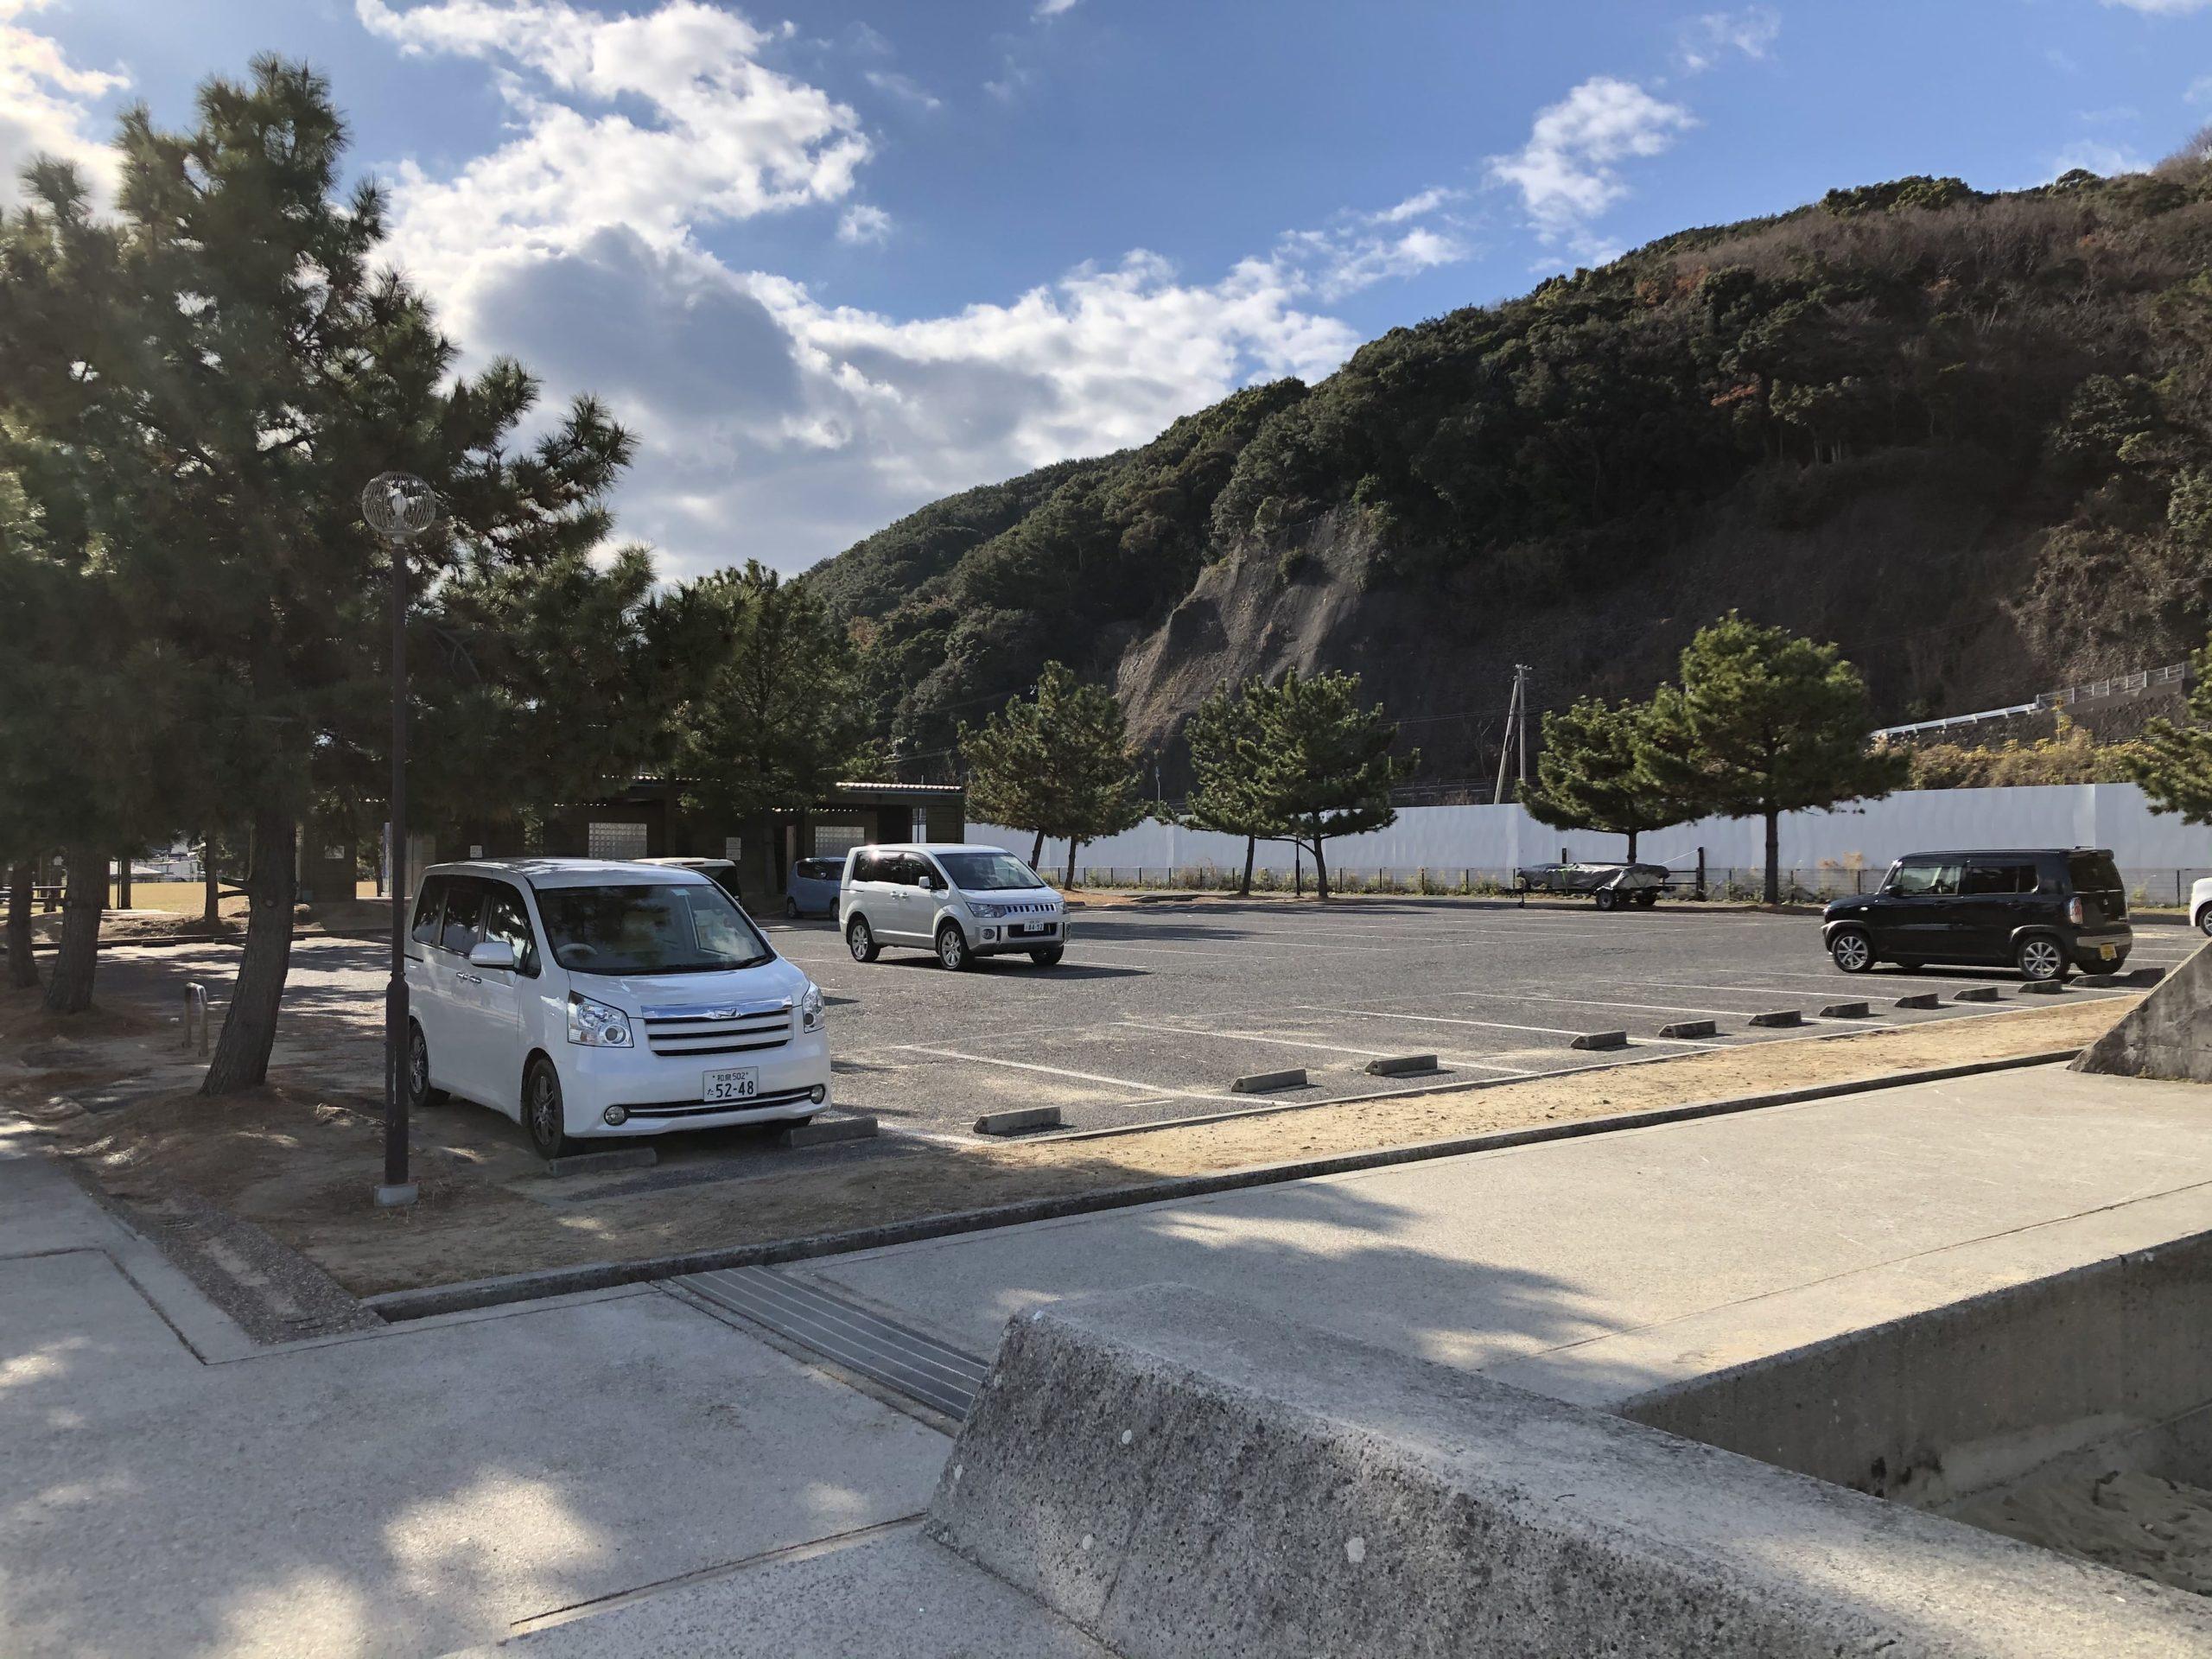 炬口漁港の駐車場とトイレ